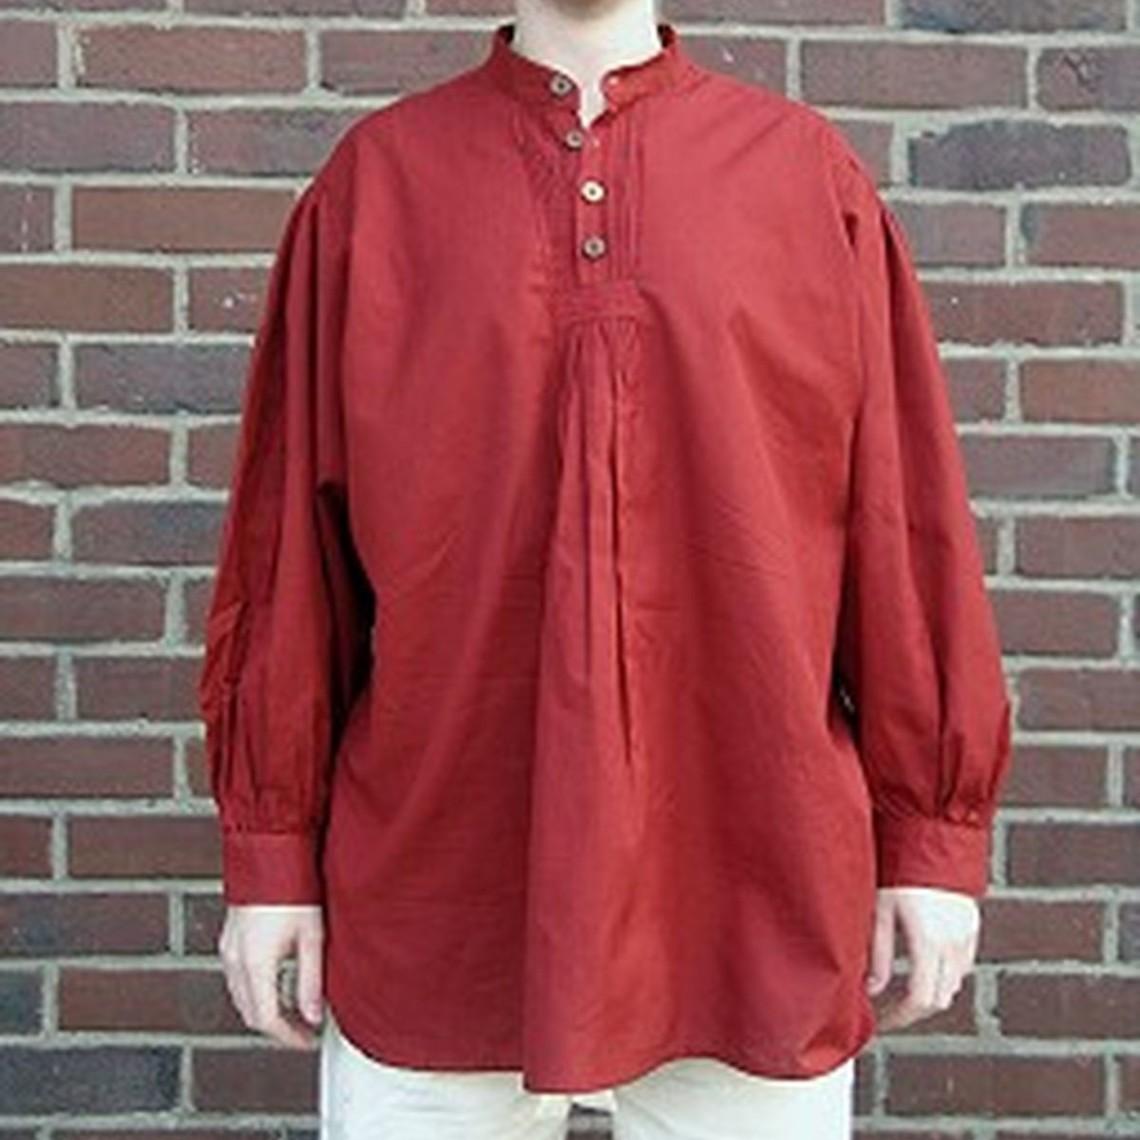 Leonardo Carbone Knoophemd, rood